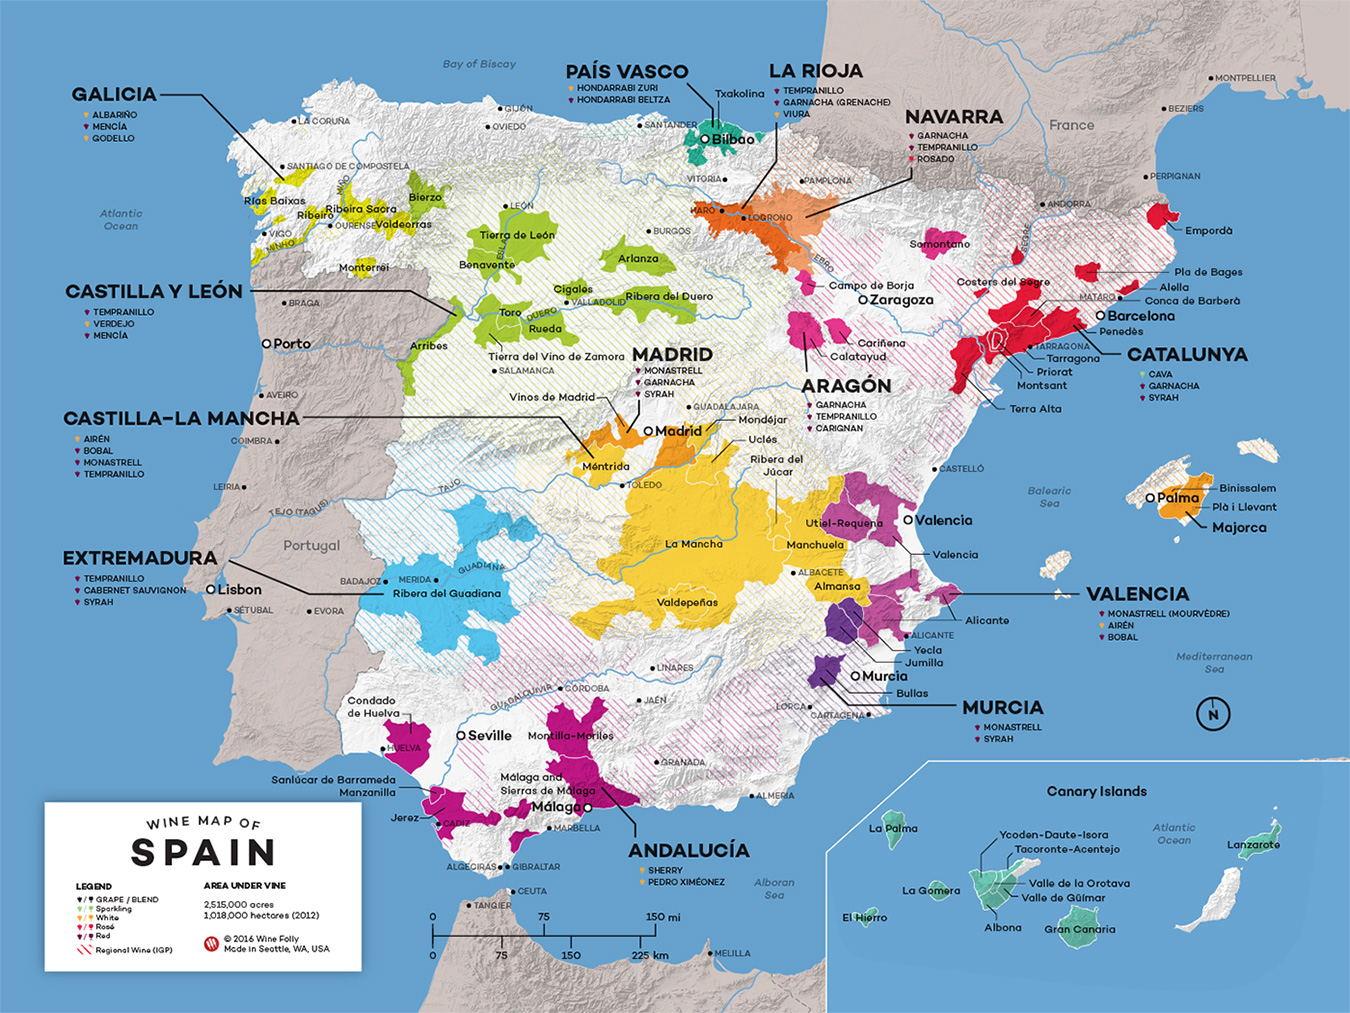 Spain-Wine-Map-2016-WineFolly.jpg